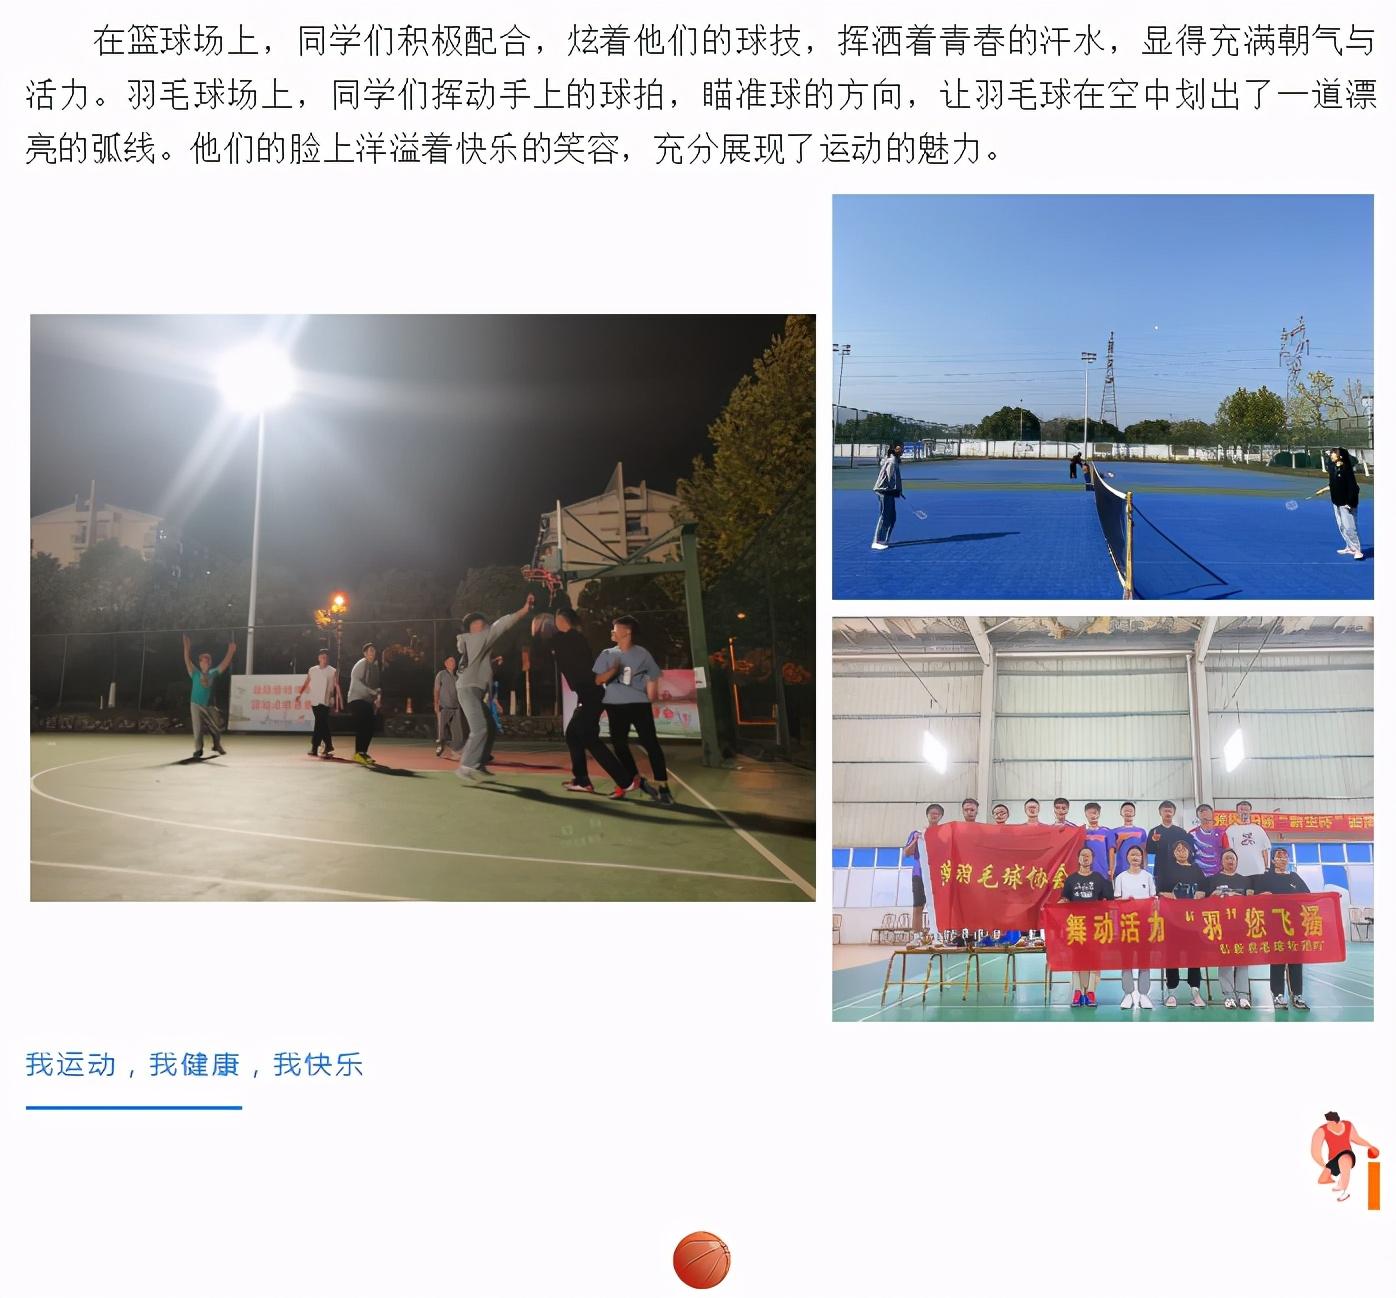 安庆医专 | 阳光正好,运动ing了吗?